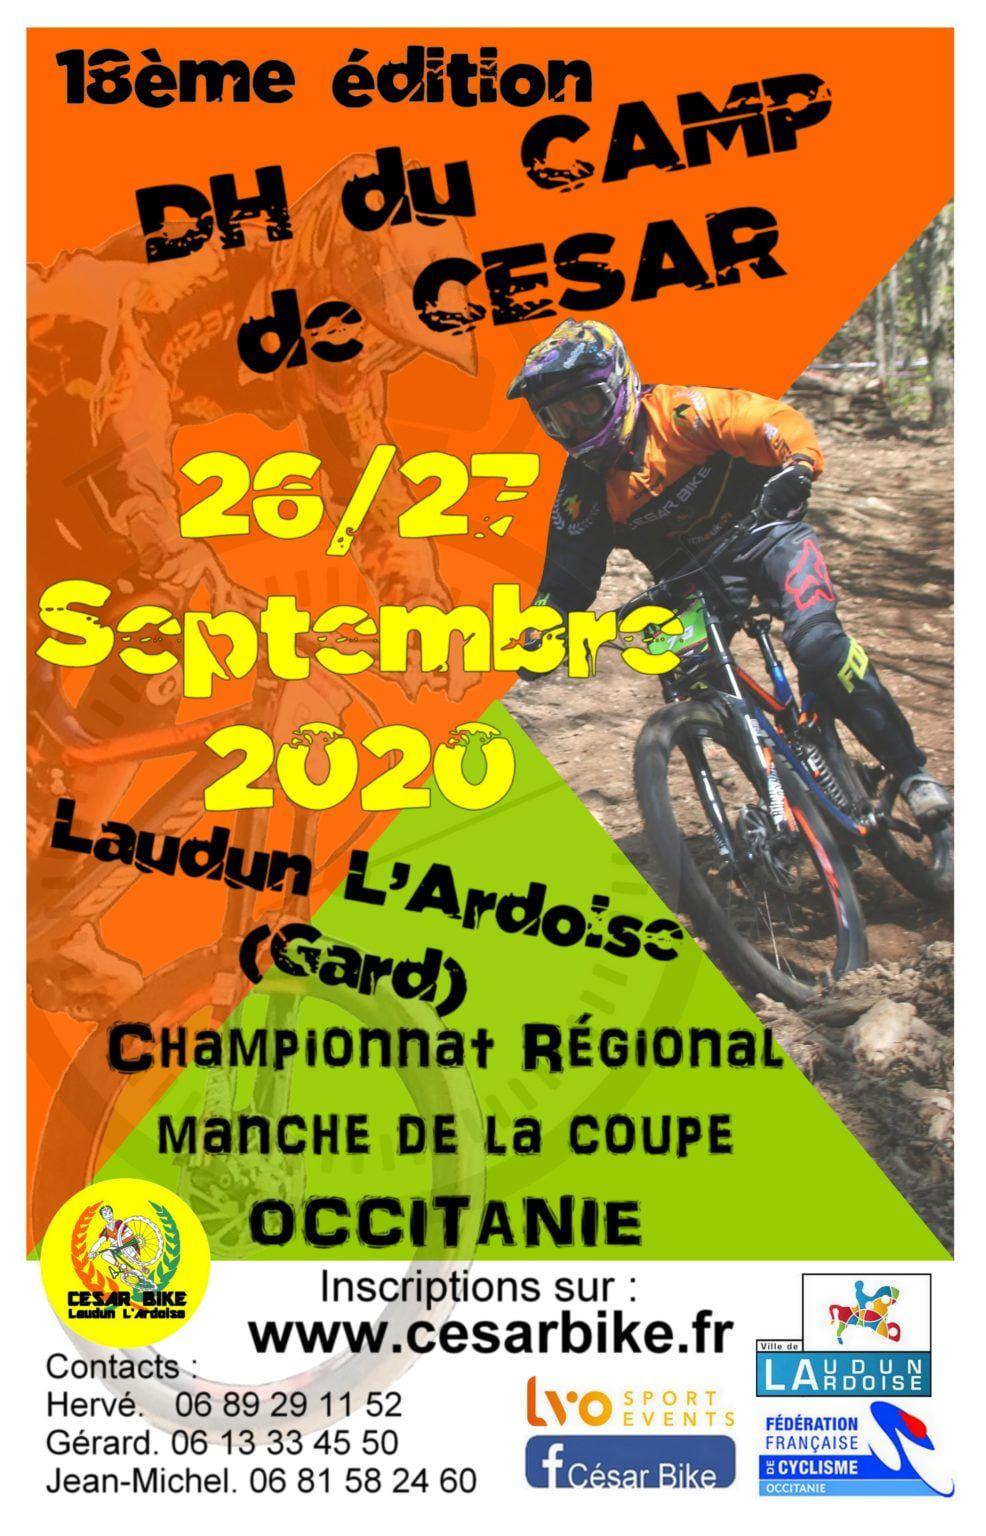 26 et 27 septembre 2020 - Descente VTT du Camp de César à Laudun